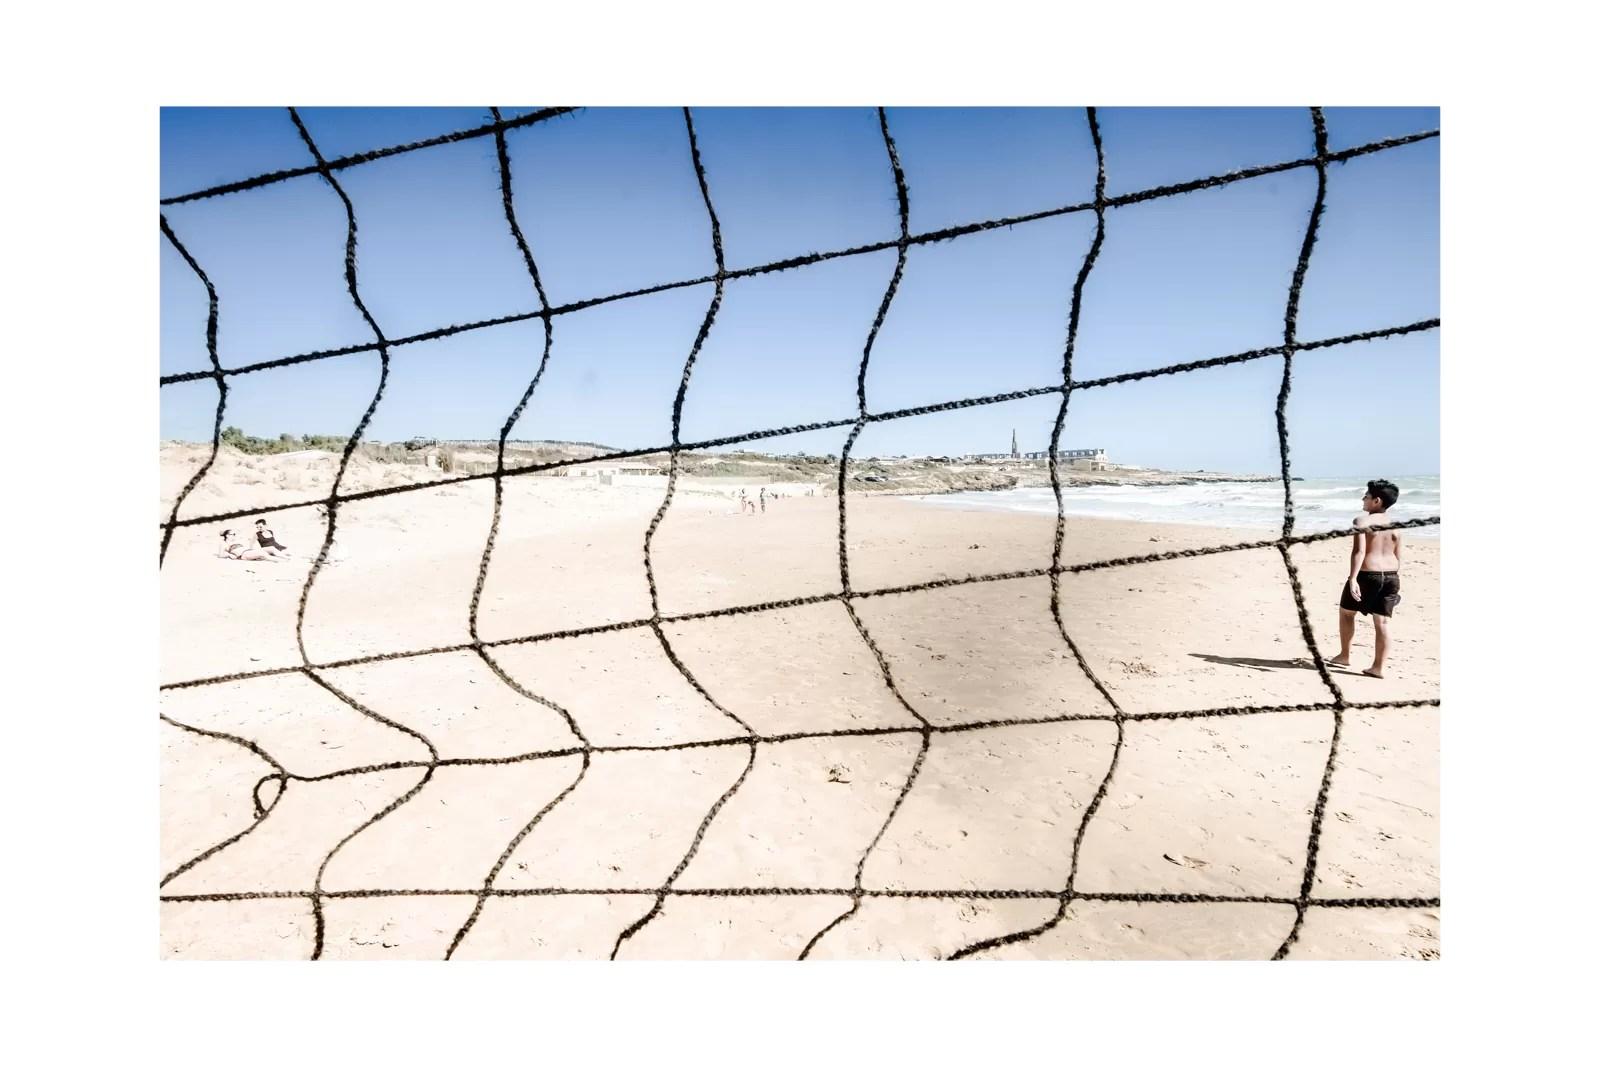 DSCF1296 - Immobili sotto il caldo sole di sicilia - fotostreet.it